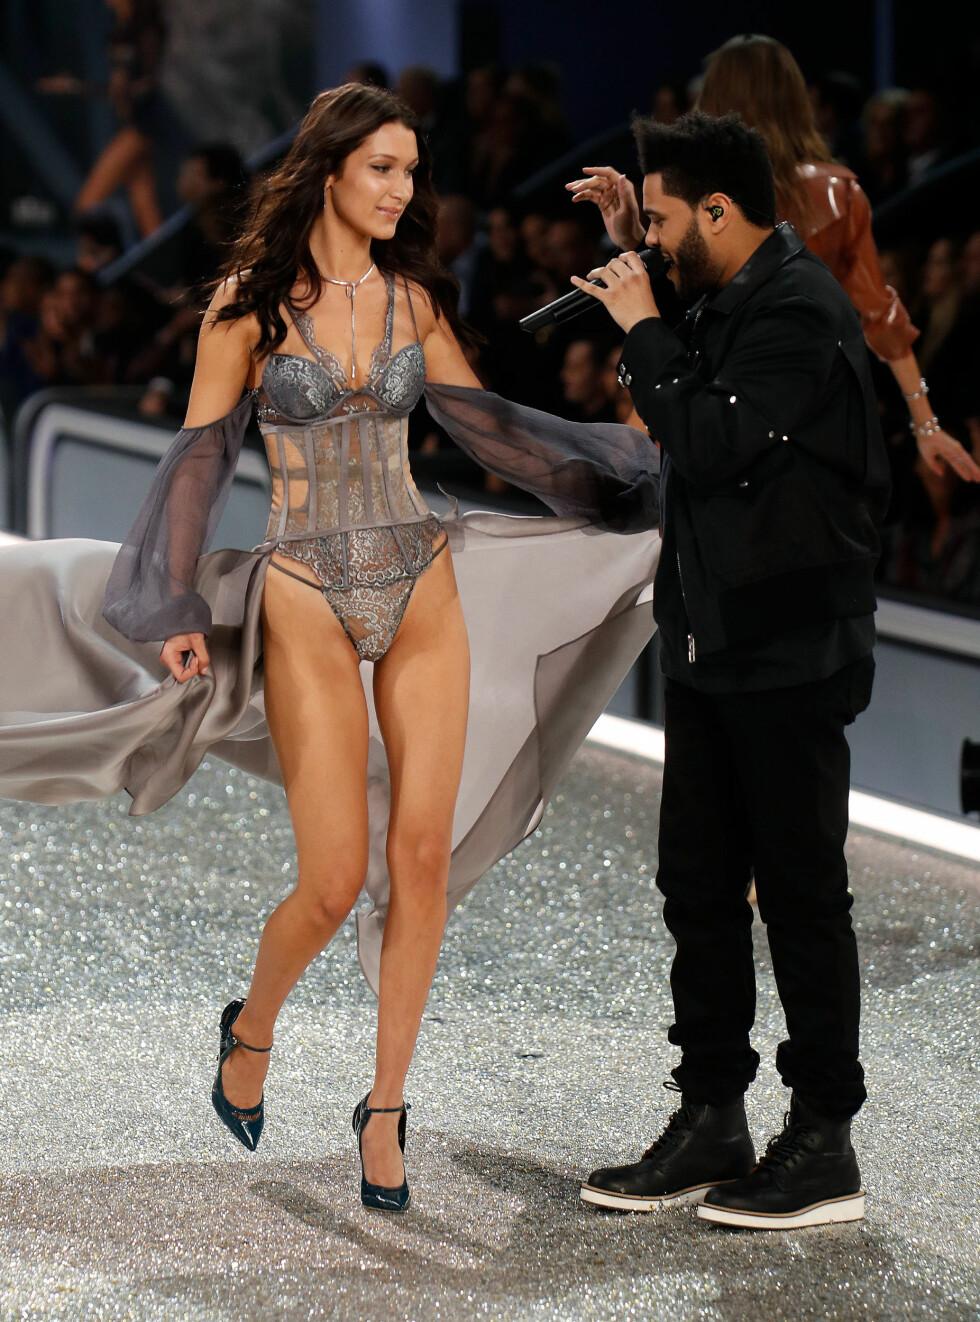 BRUDD: I november ble det kjent at supermodell Bella Hadid  og artisten The Weeknd hadde gjort det slutt. De har riktignok beholdt vennskapet, og under Victoria's Secret Fashion Show i Paris i begynnelsen av desember sto de på samme scene.  Foto: NTB Scanpix